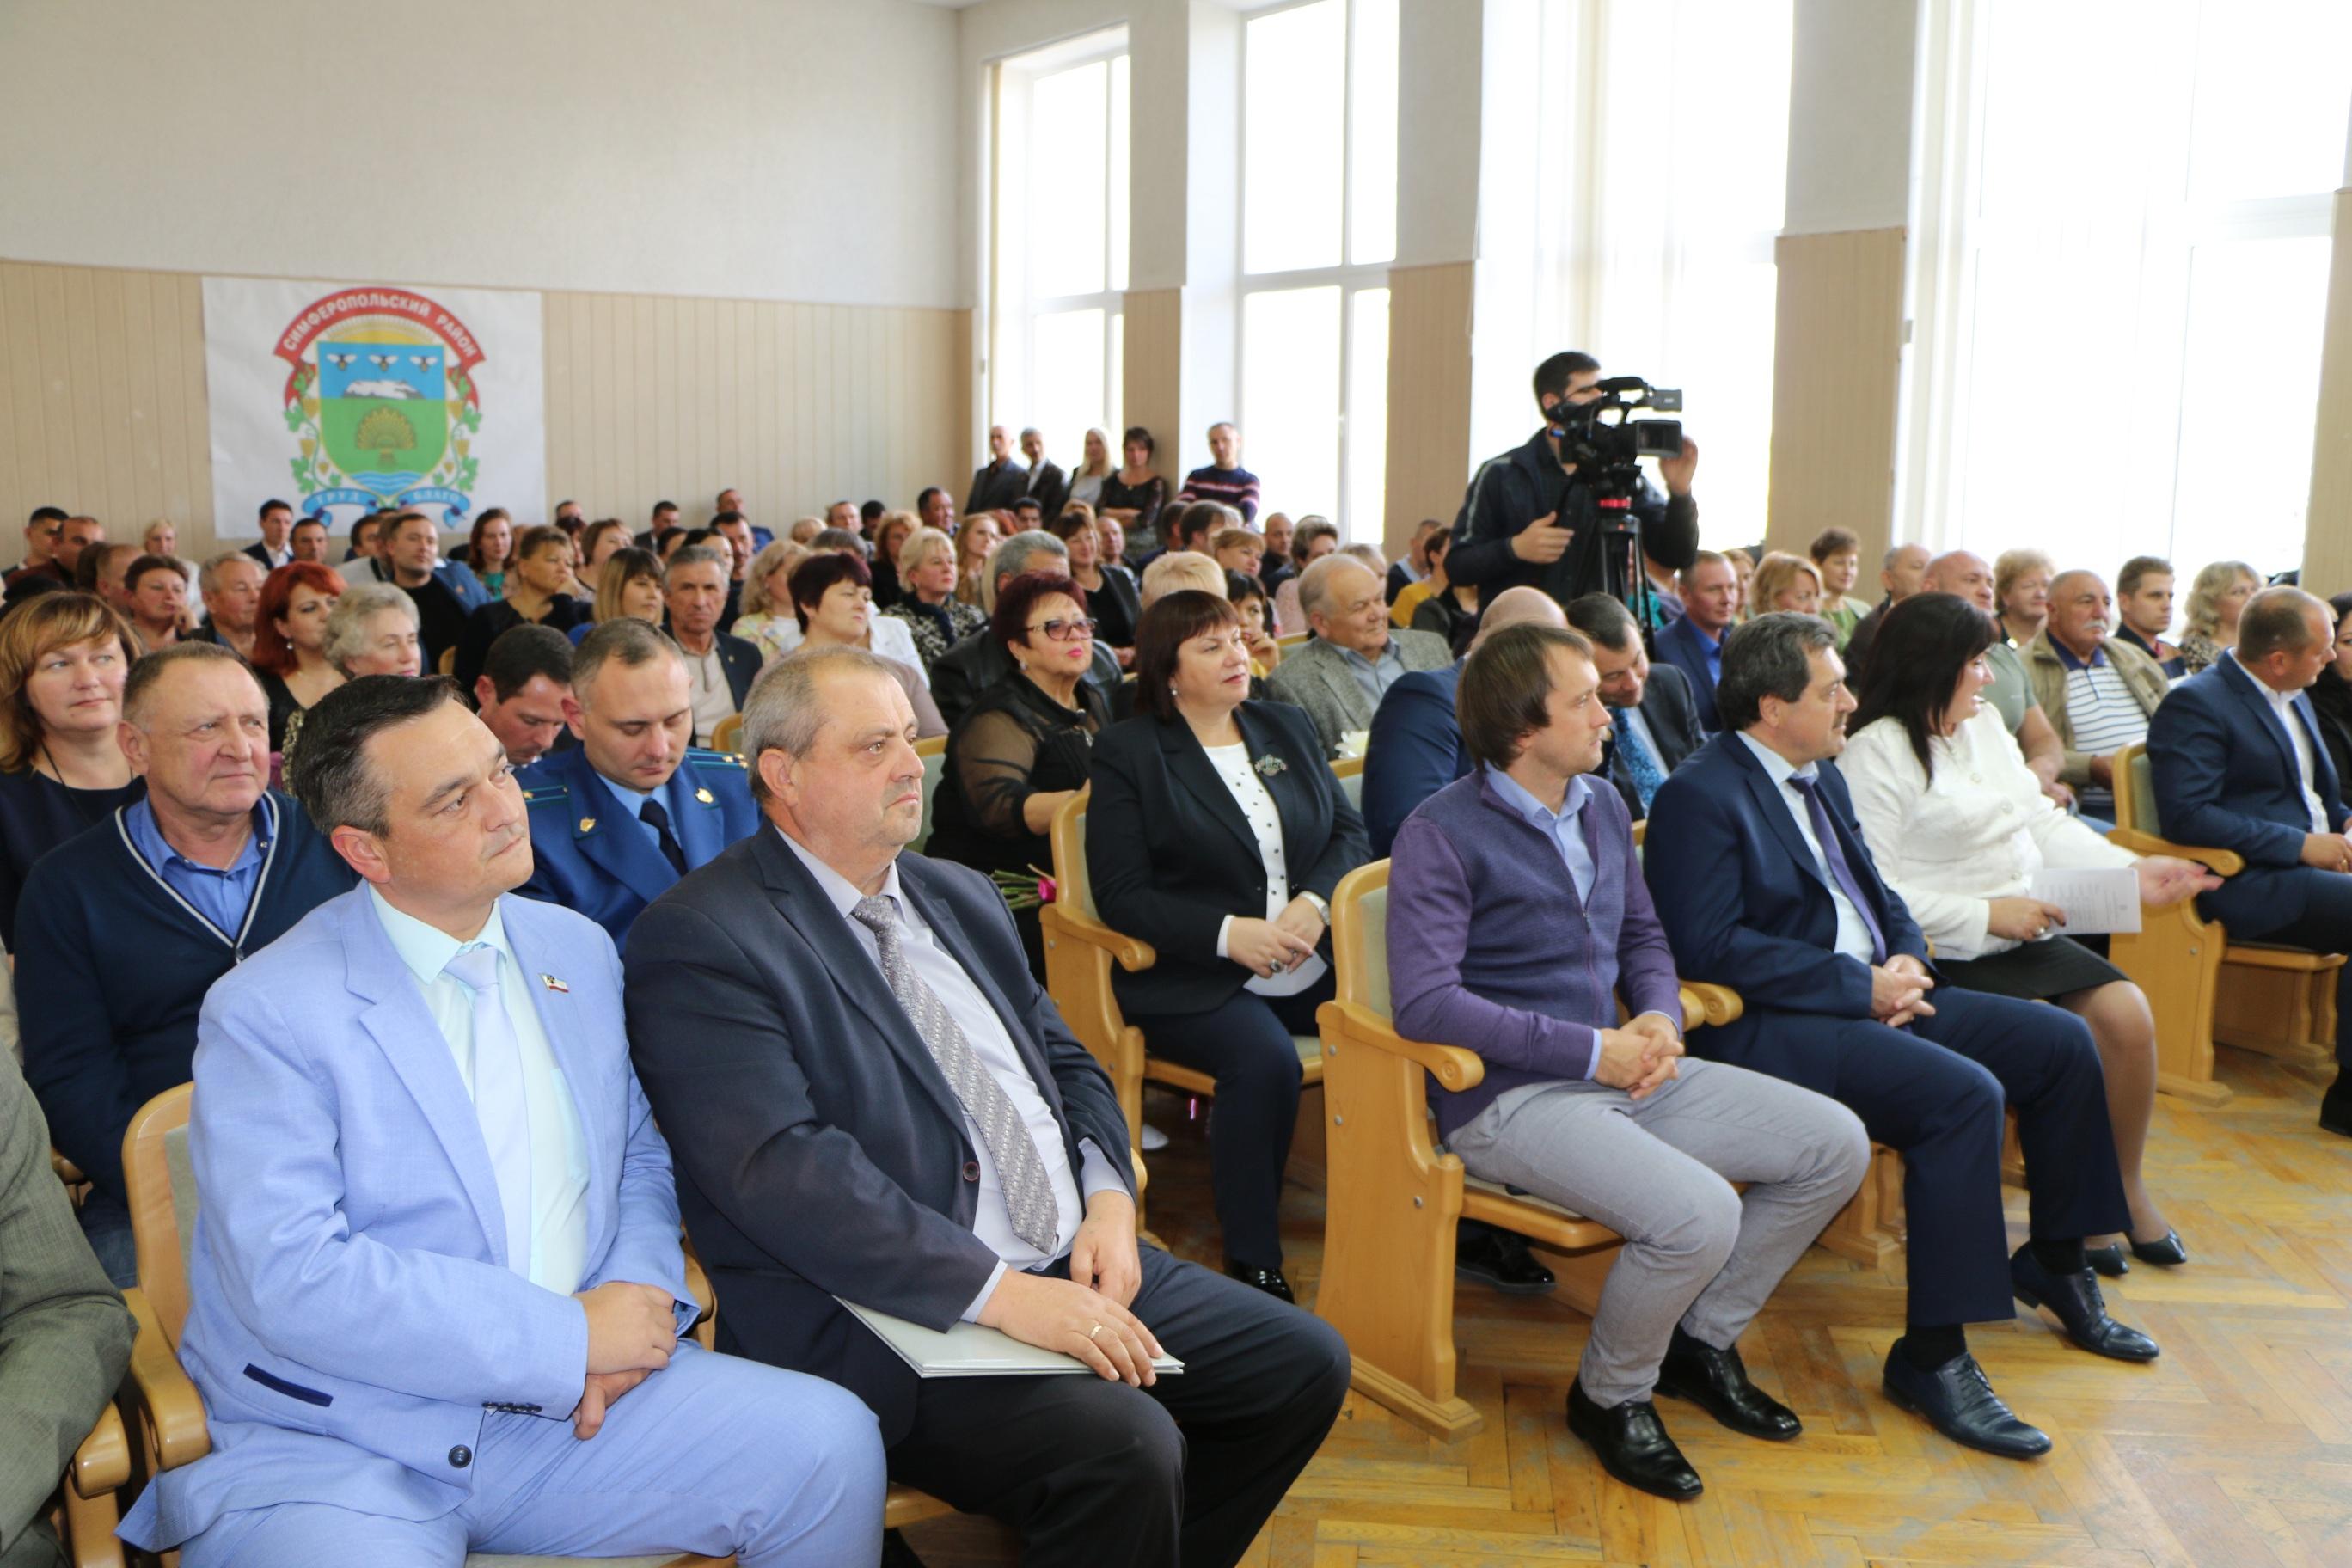 Жители Симферопольского района получили заслуженные награды в день  94-й годовщины Симферопольского района